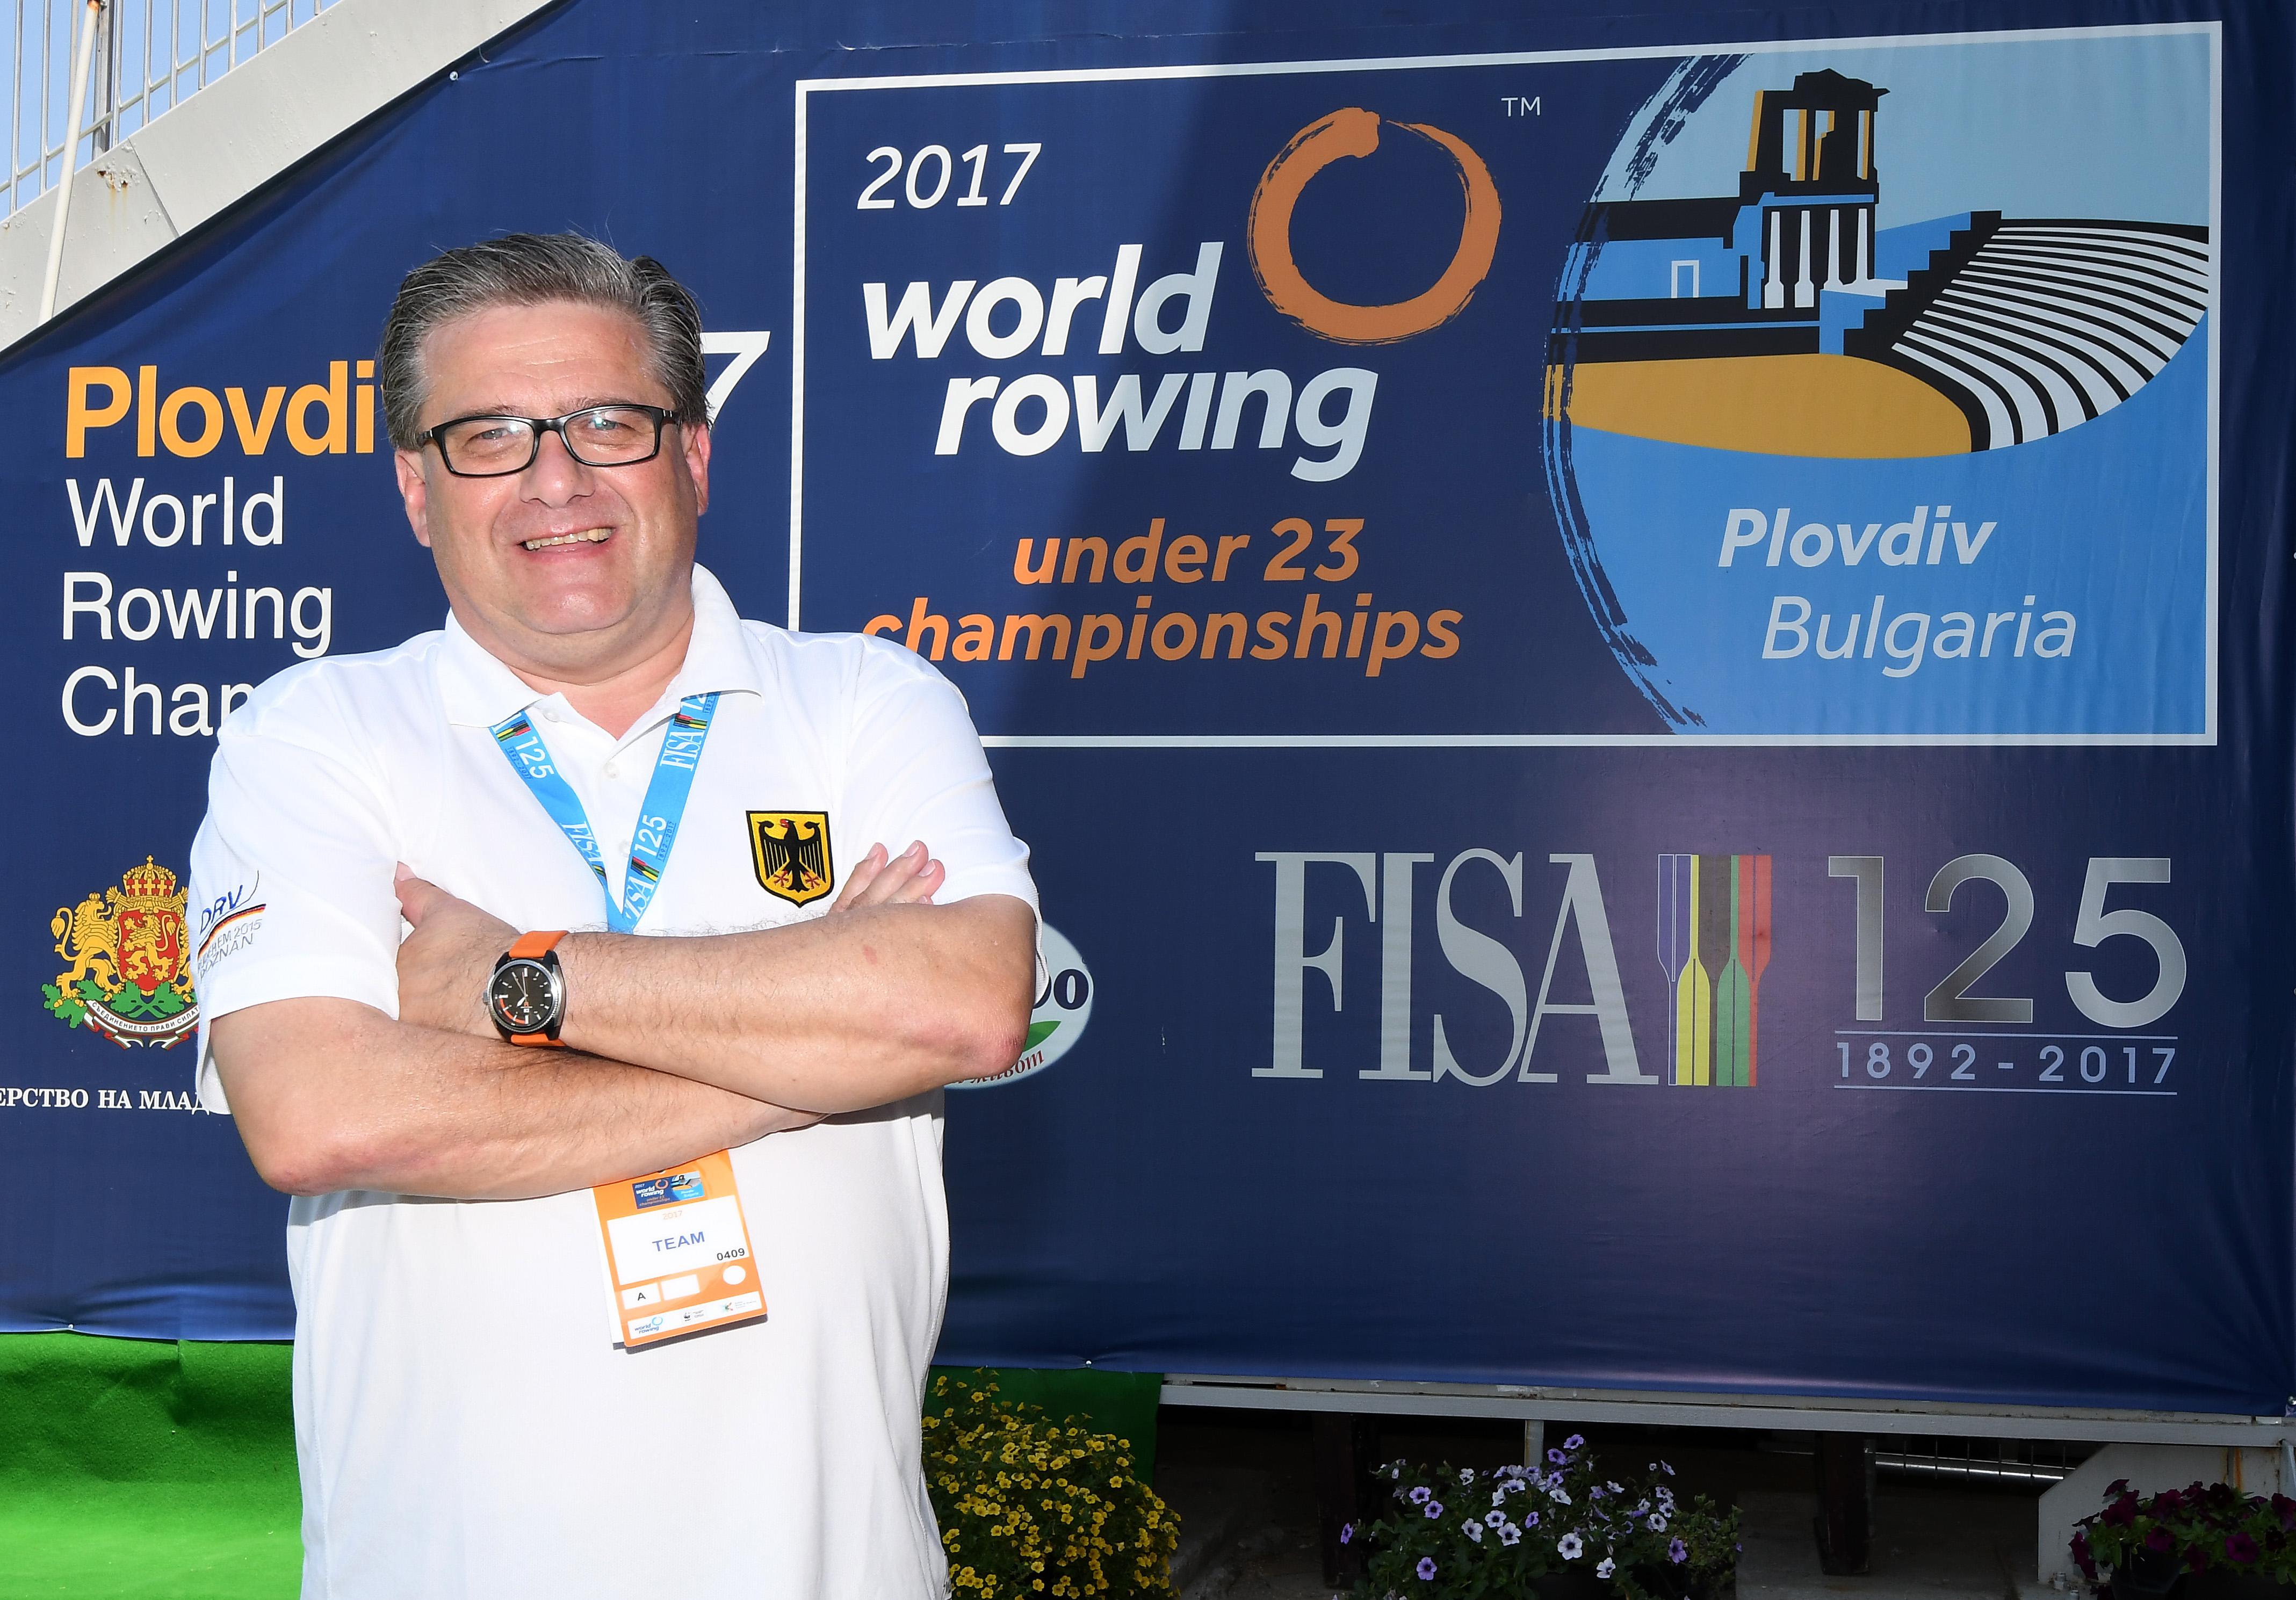 Uwe Graf, Mannschaftsleiter, U23-Weltmeisterschaften 2017, Plovdiv, Bulgarien